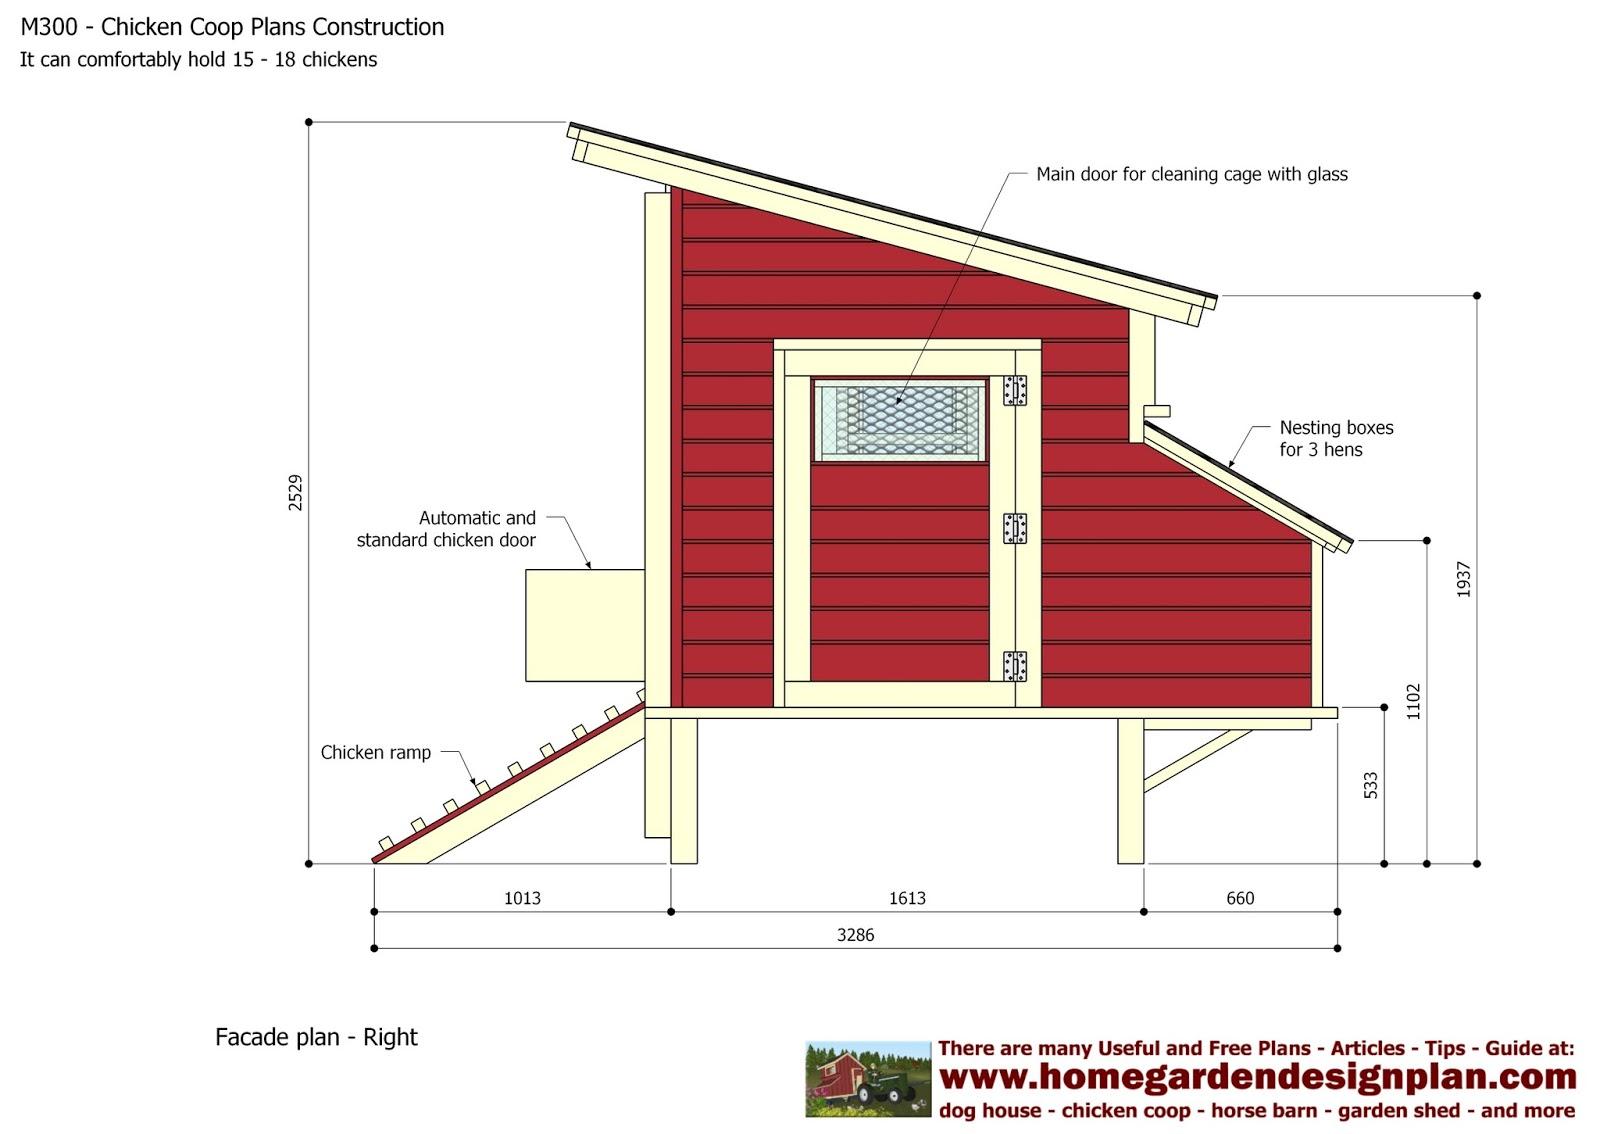 Ck Coop Next Free Instructions Build Chicken Coop